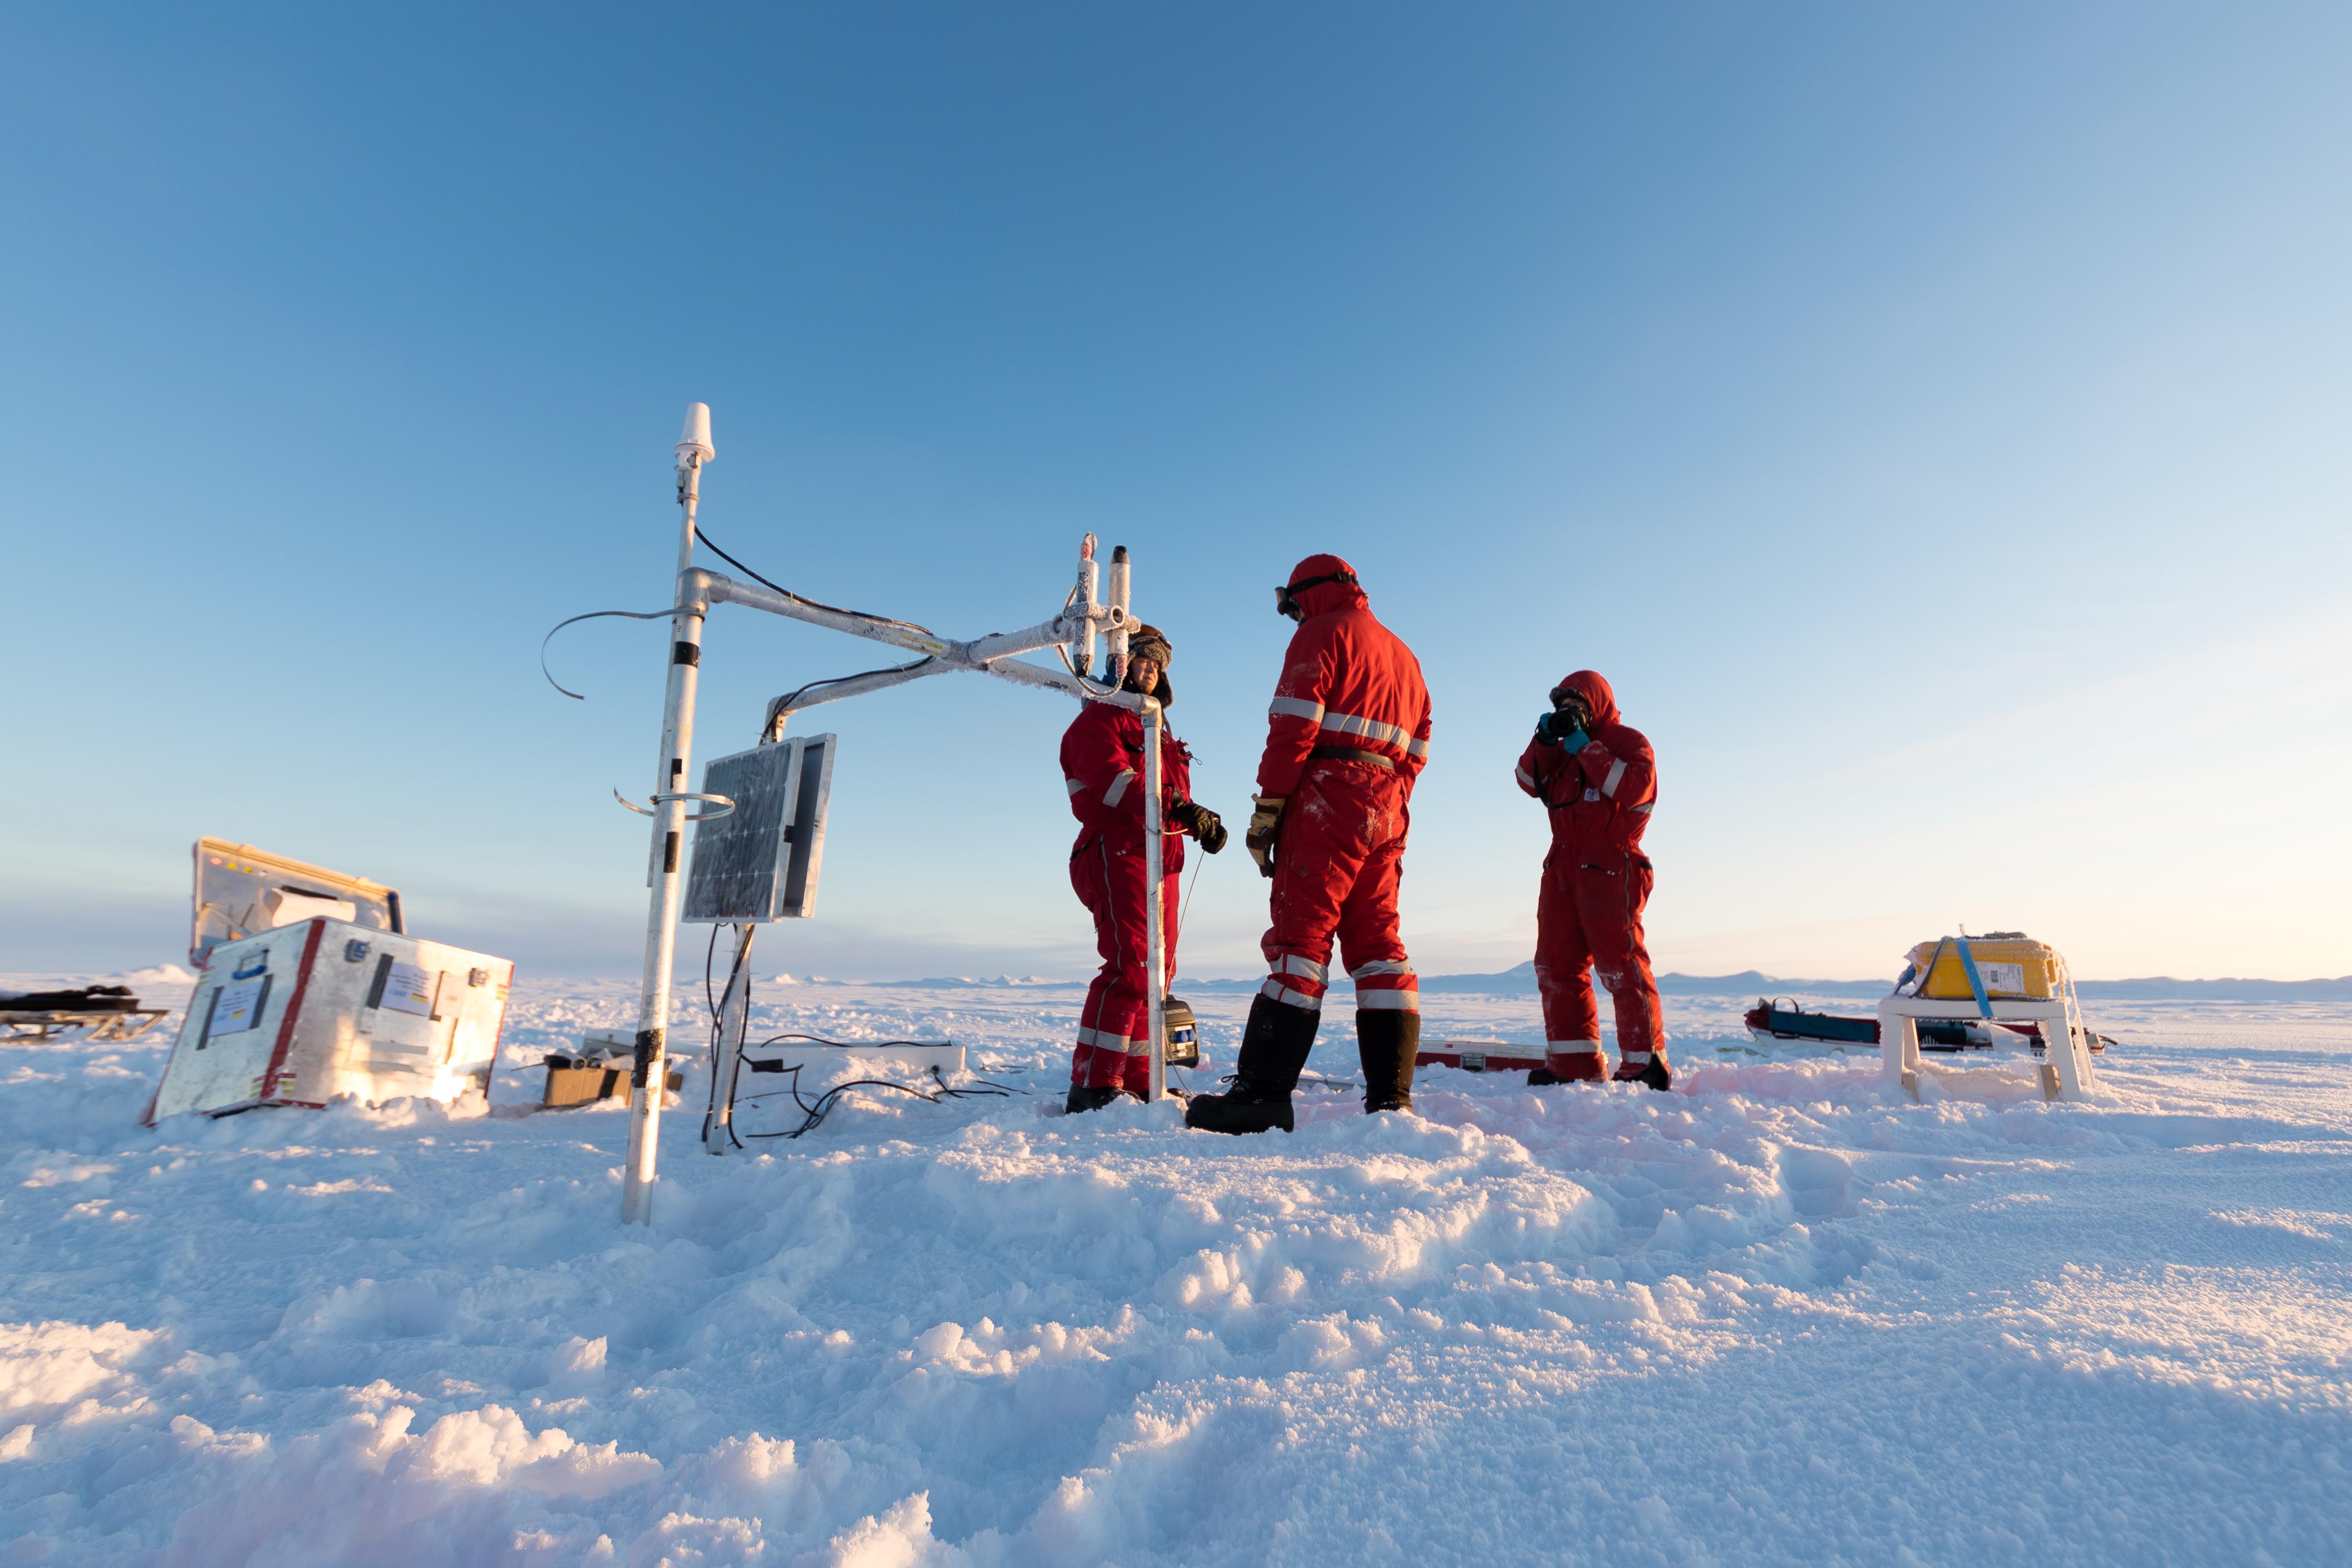 Forschergruppe bei der Arbeit auf dem Eis, Verankerung der Bojen, zur Bestimmung der Meereisdicke (Bildmitte) und der Schneedicke (Gelber Kasten,rechts)